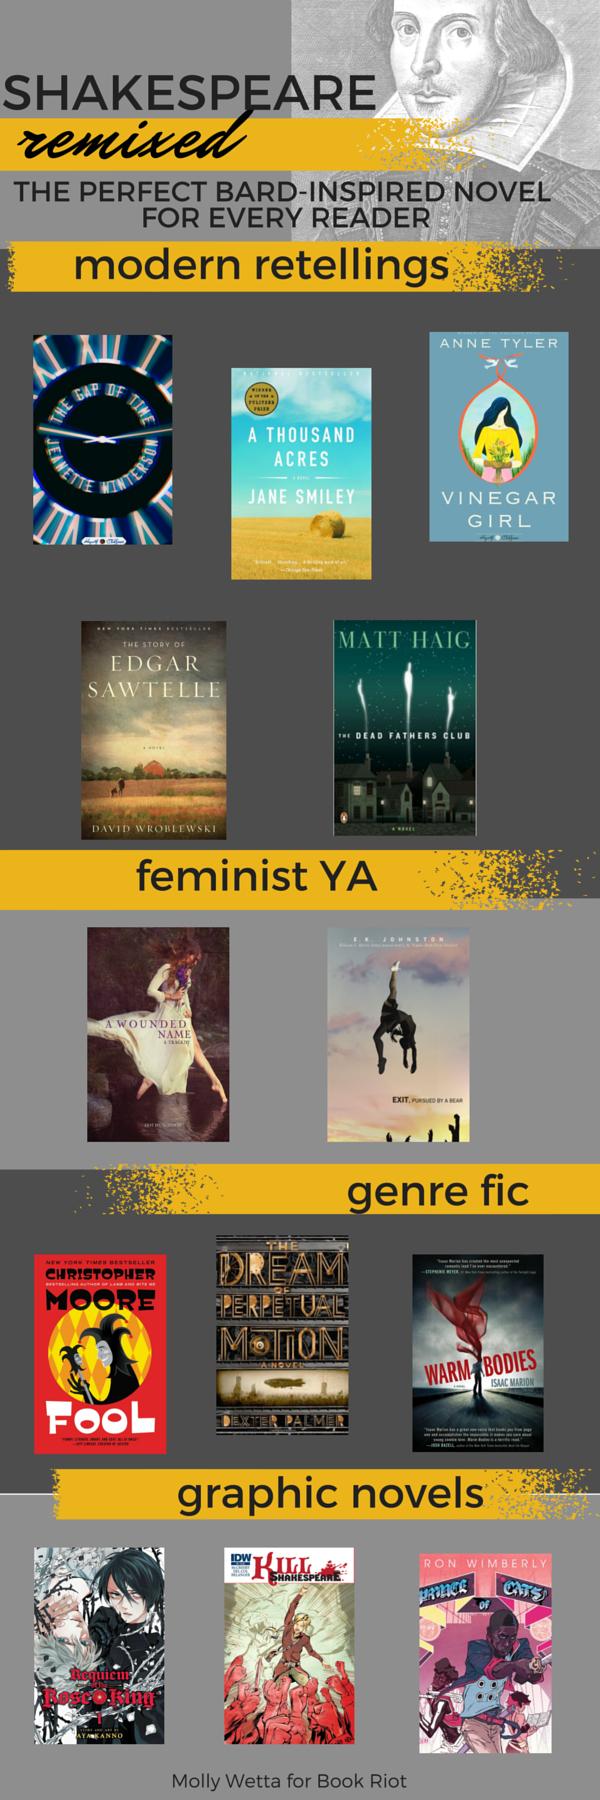 shakespeare-inspired novels